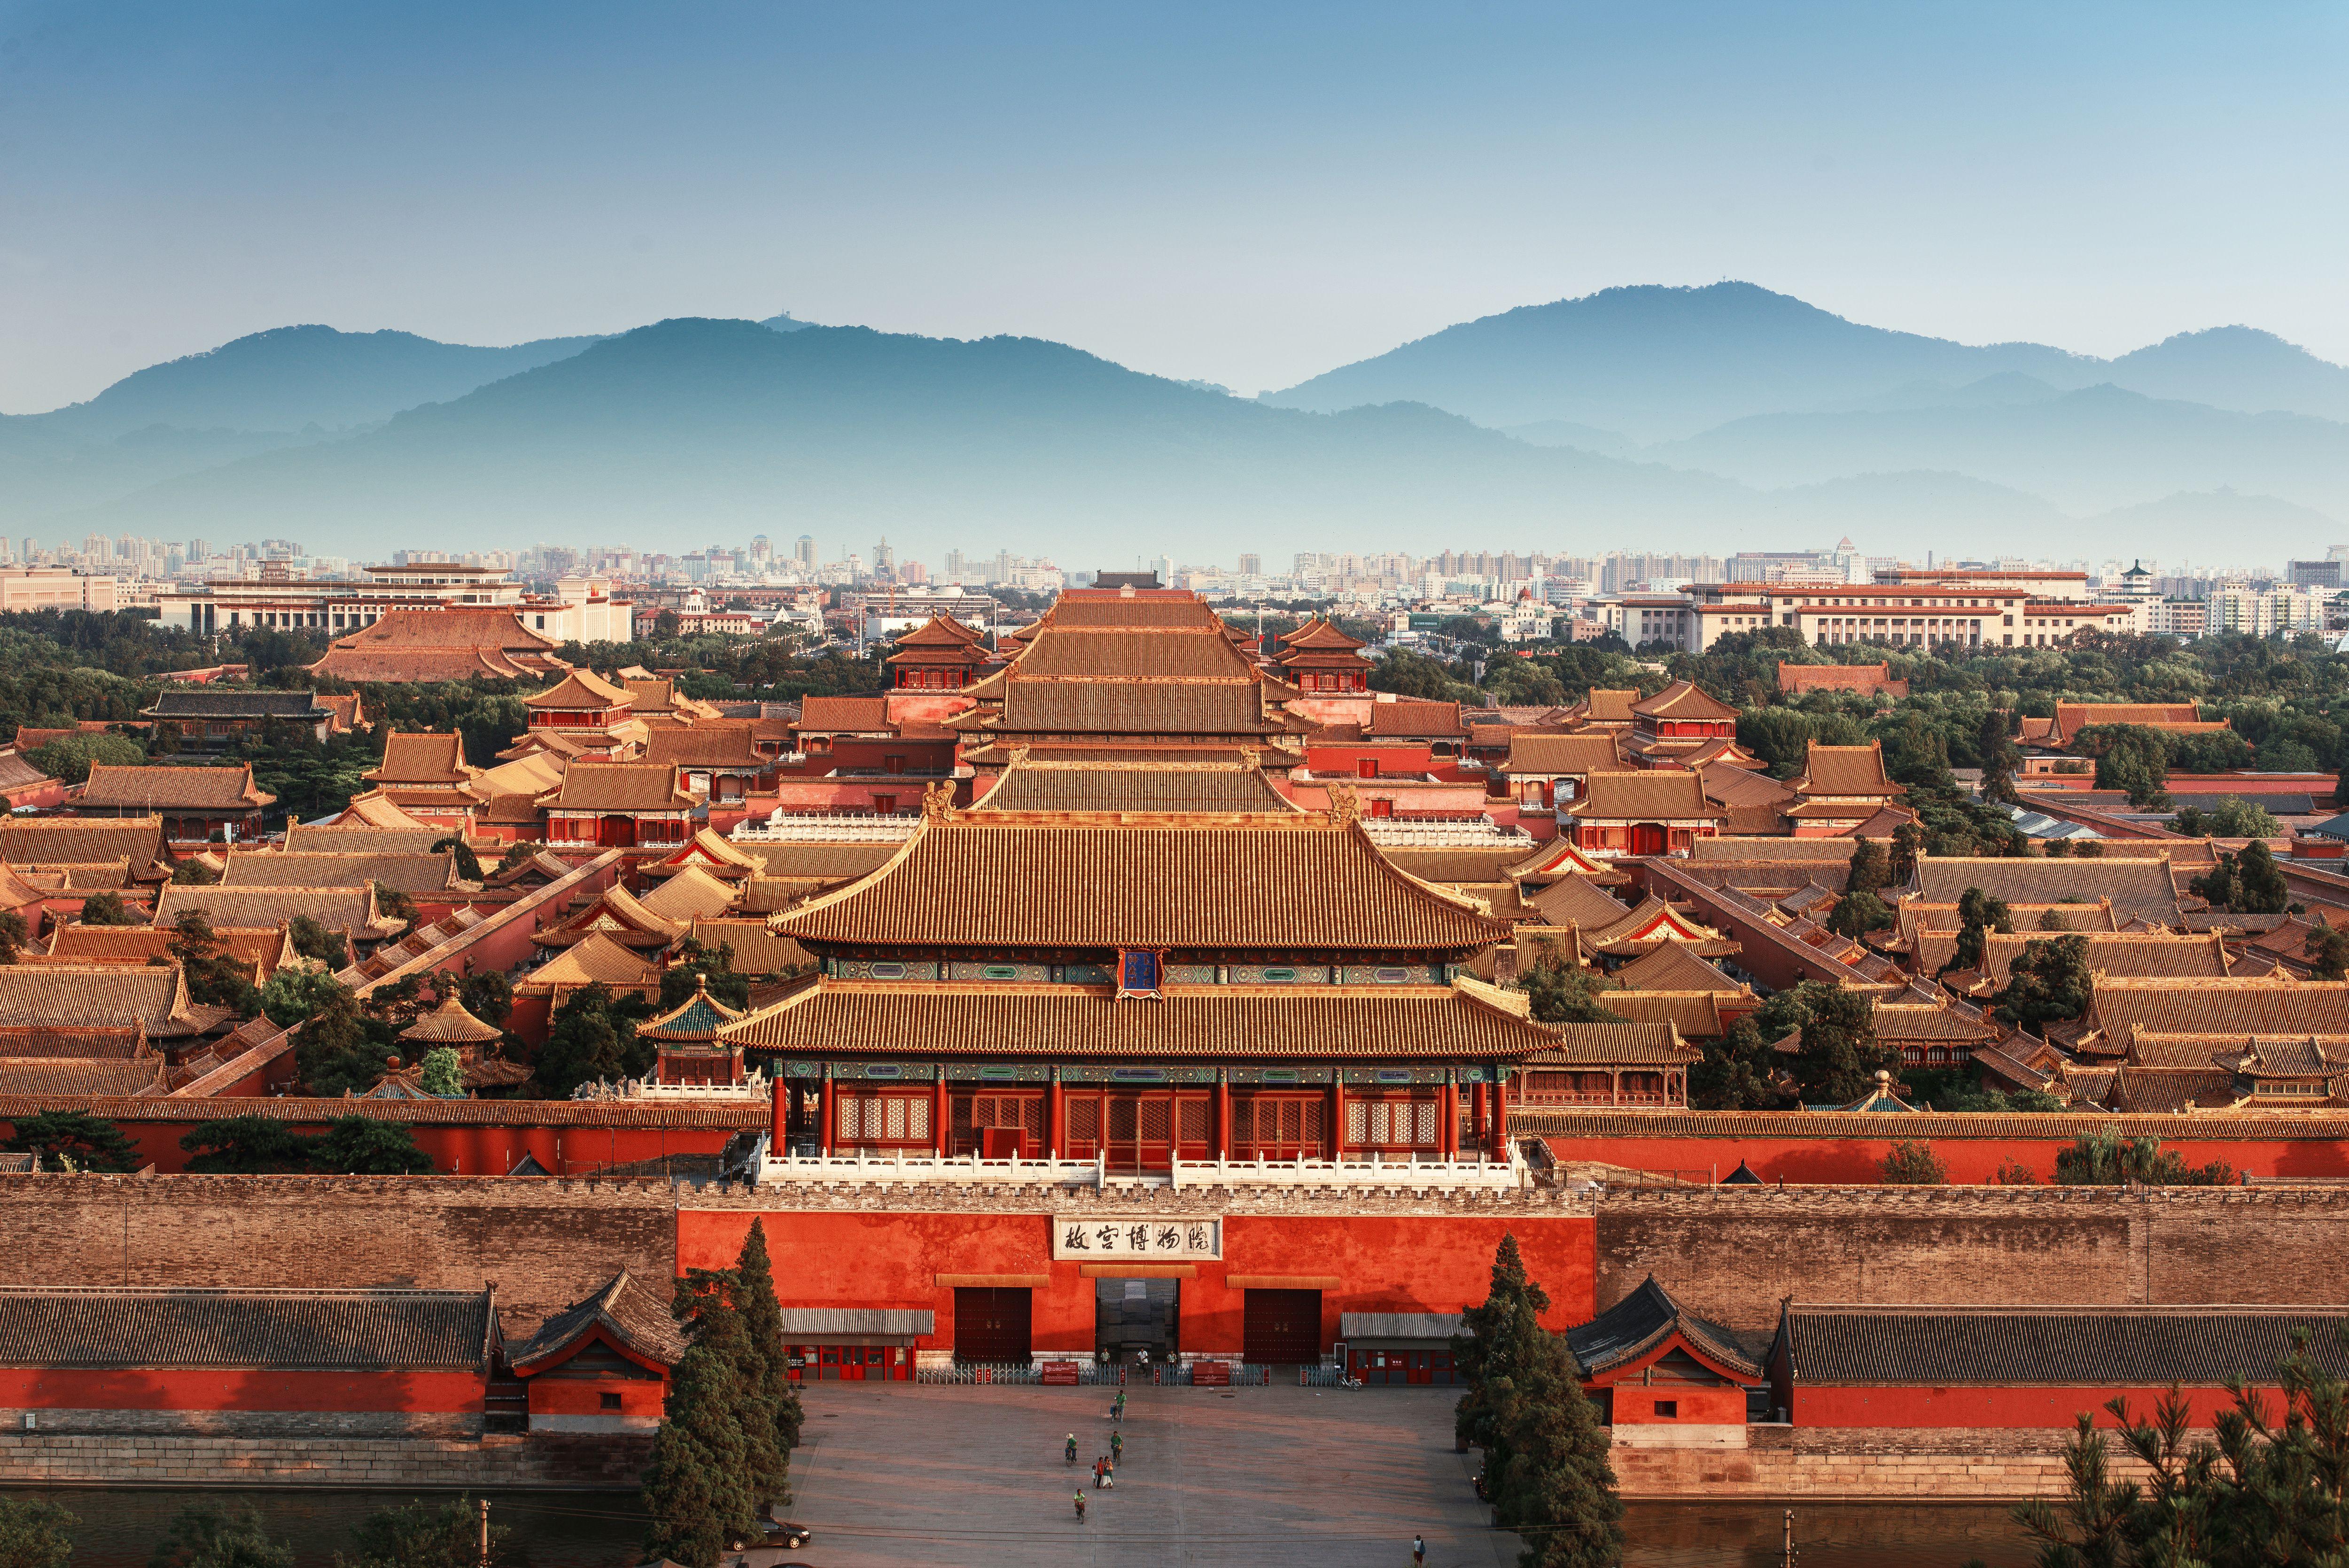 موقع الصين الجغرافي فى أي قارة تقع الصين وتعرف على الدول المجاورة للصين هيلاهوب